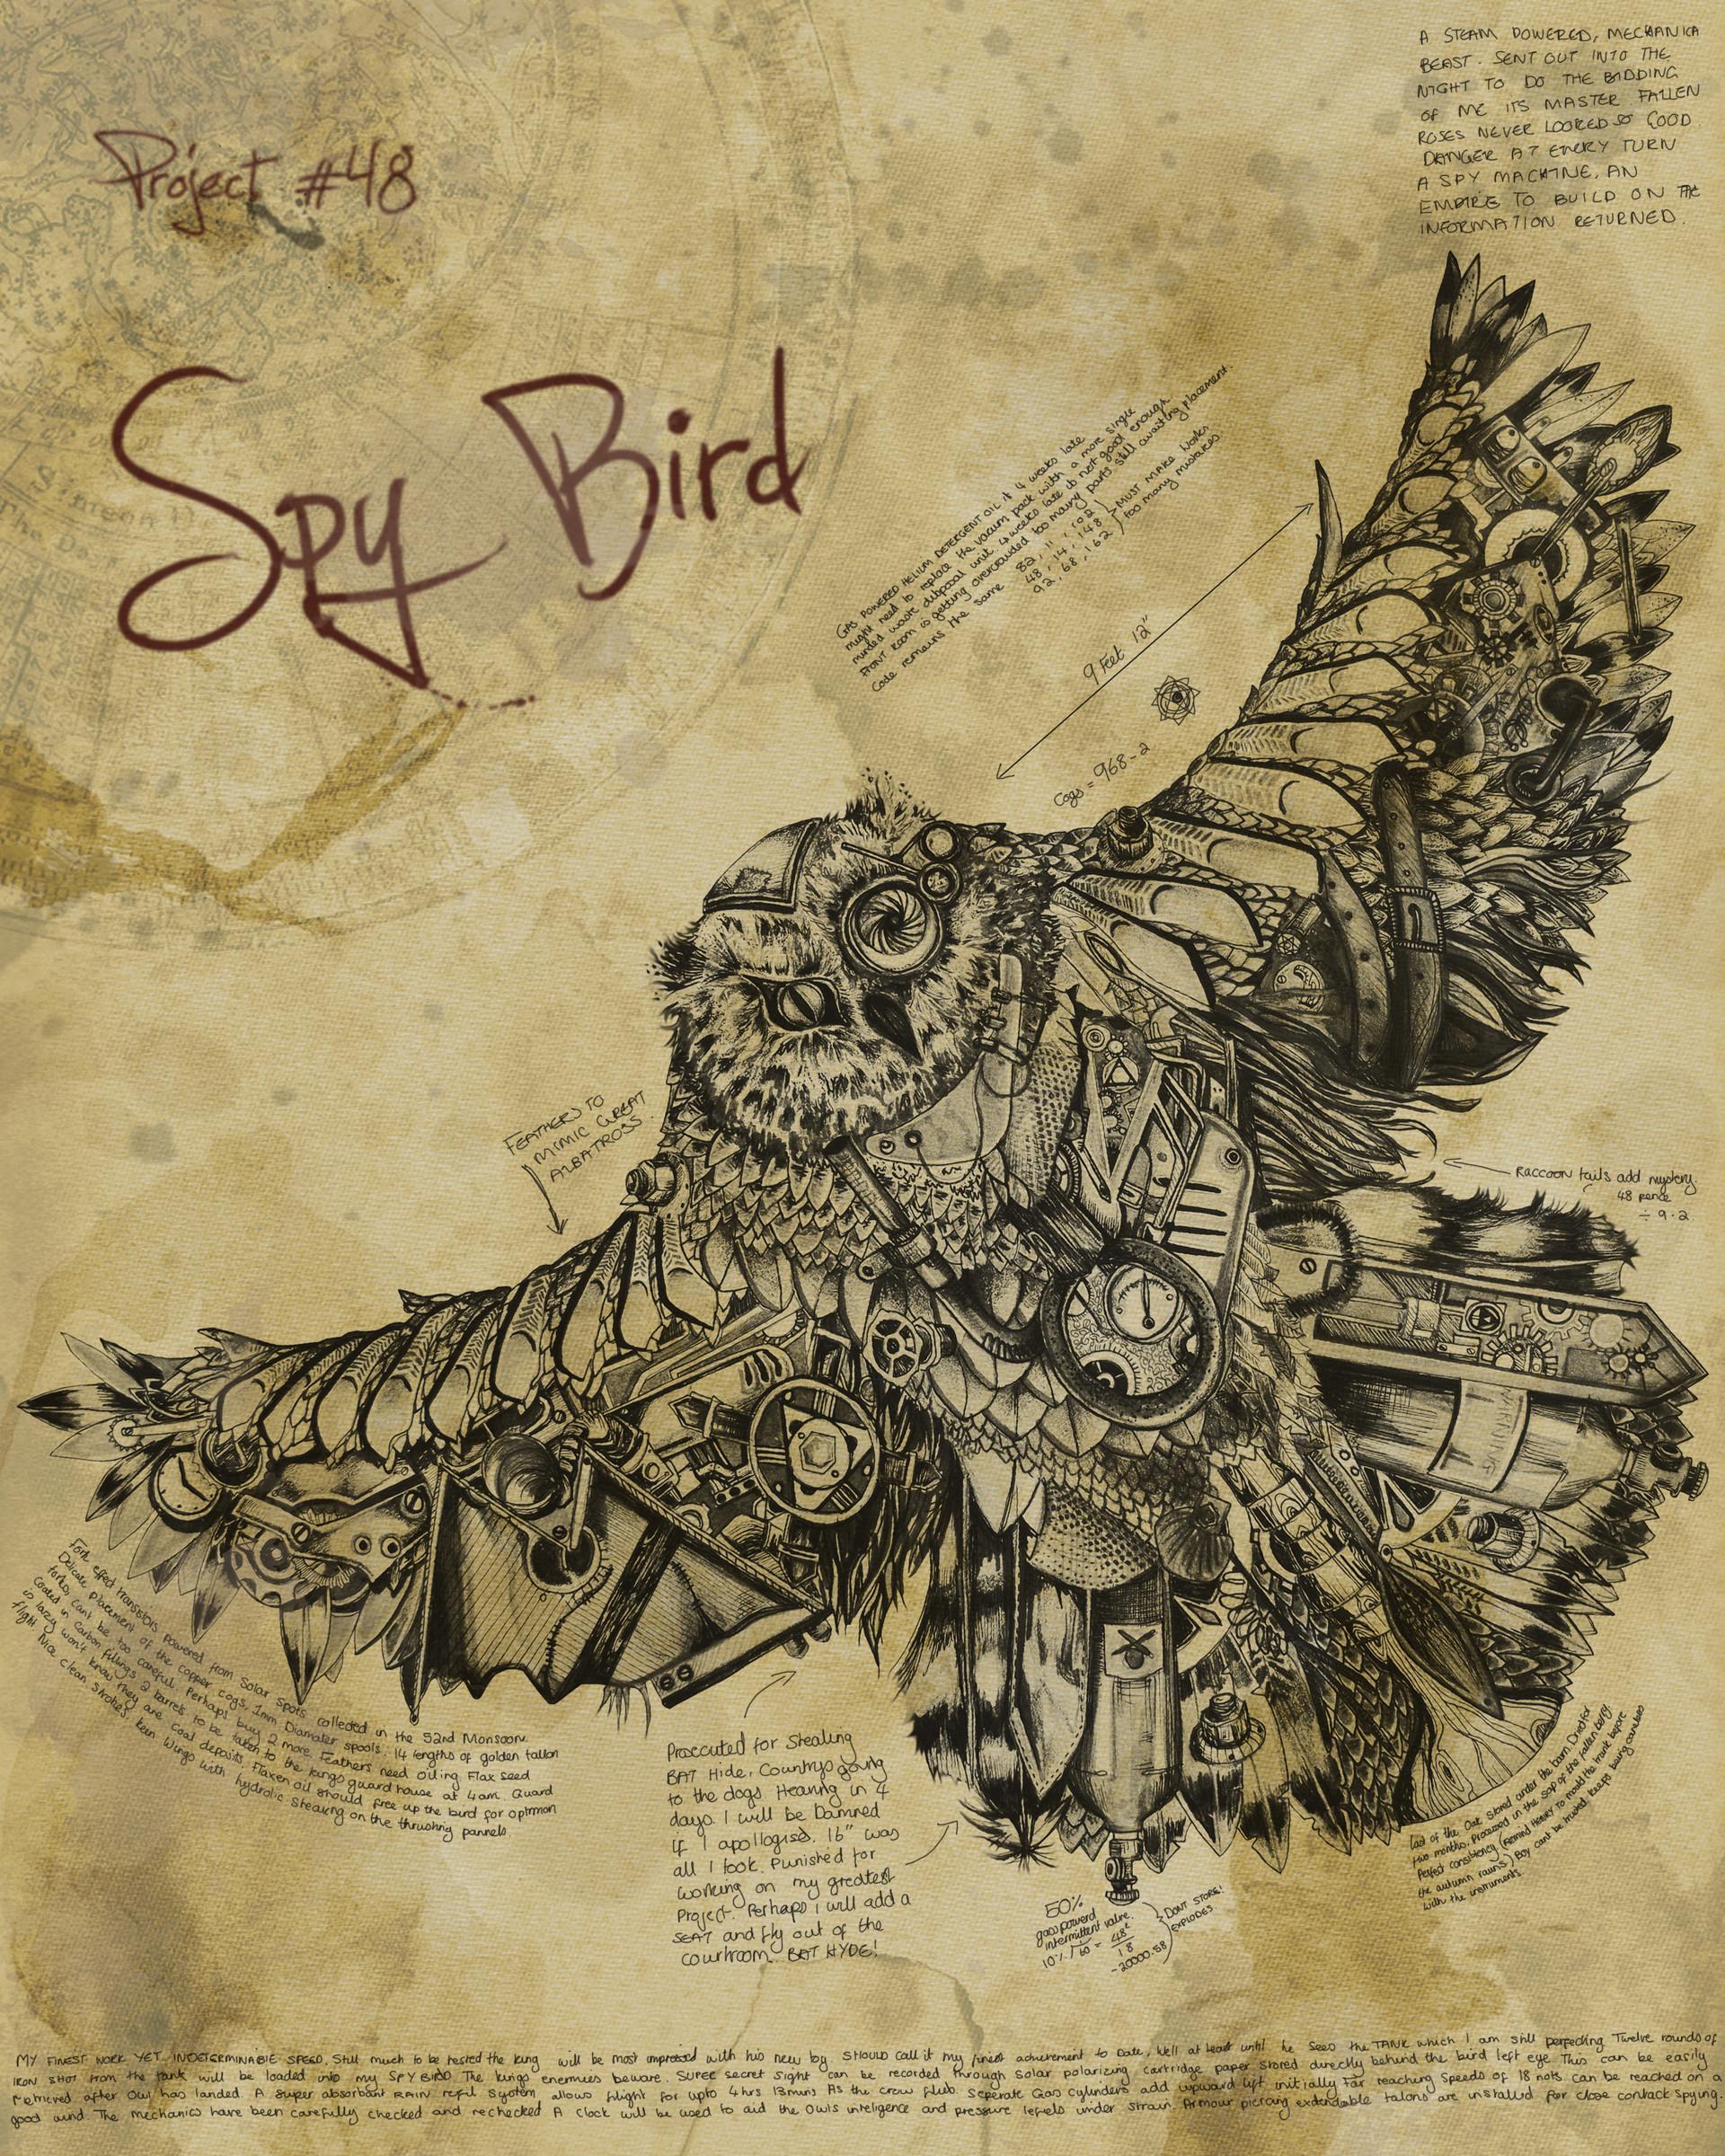 Spy Bird